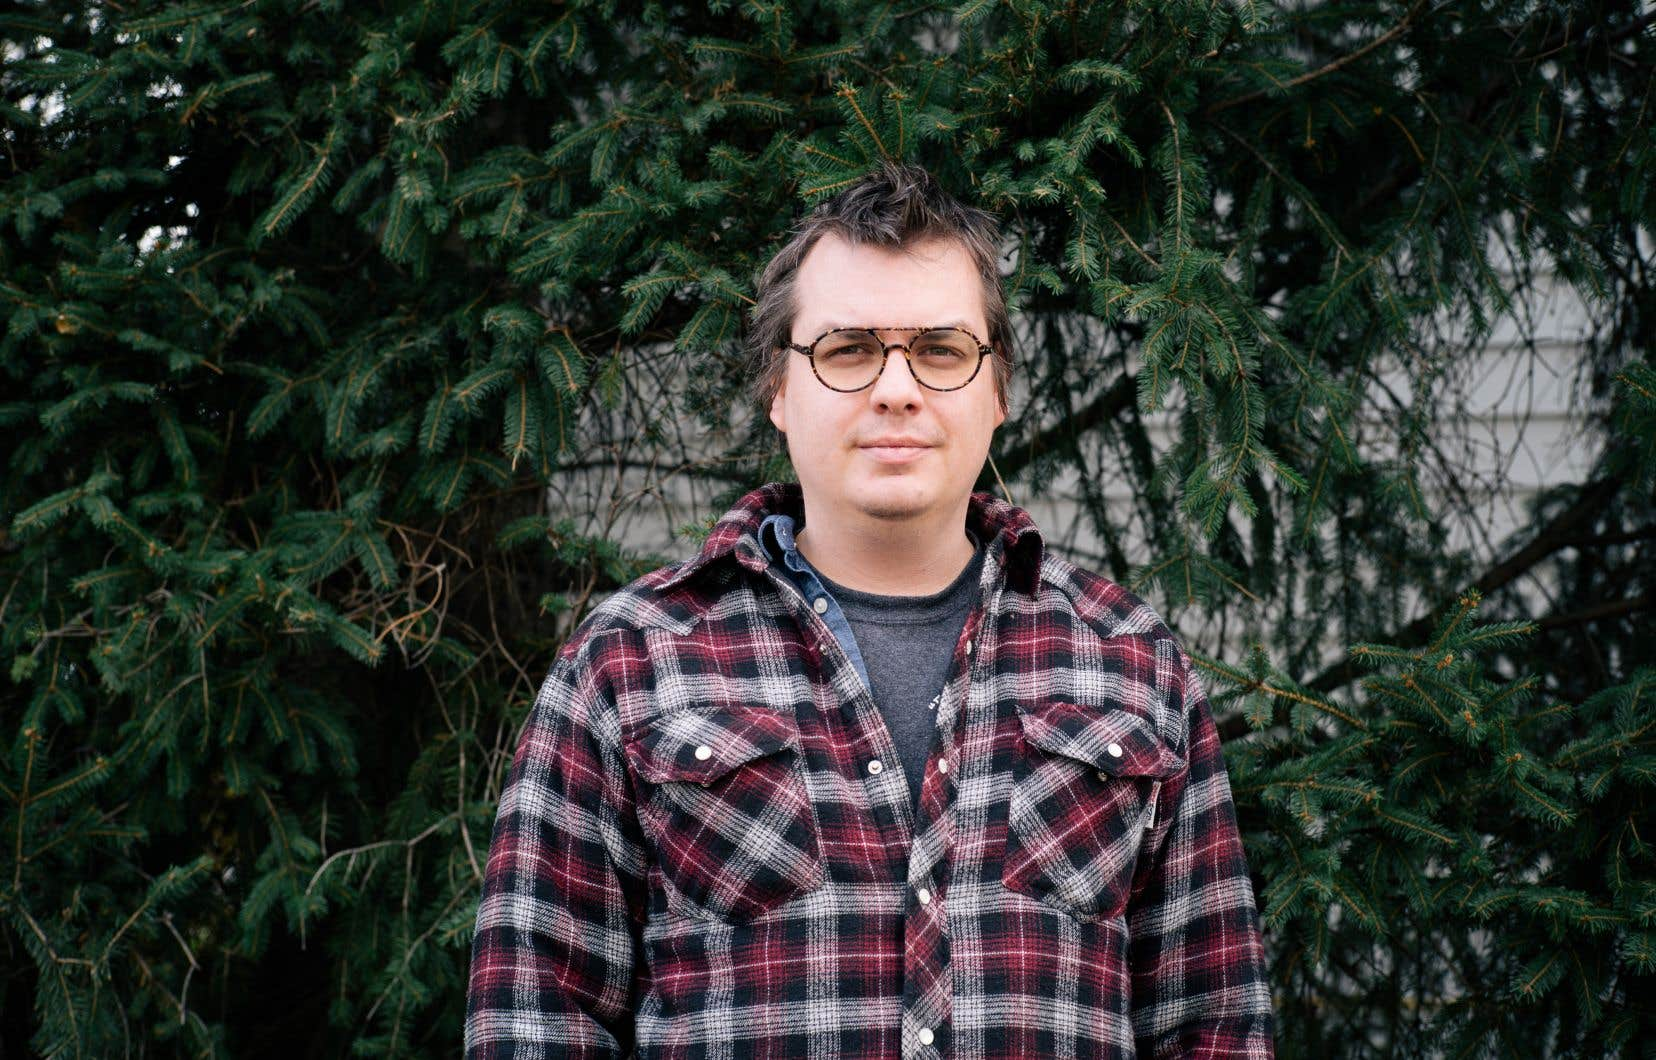 Le réalisateur Neegan Trudel a été moniteur dans des camps de jour où il a été en contact avec les jeunes. Graduellement, l'idée du film a germé dans son esprit.